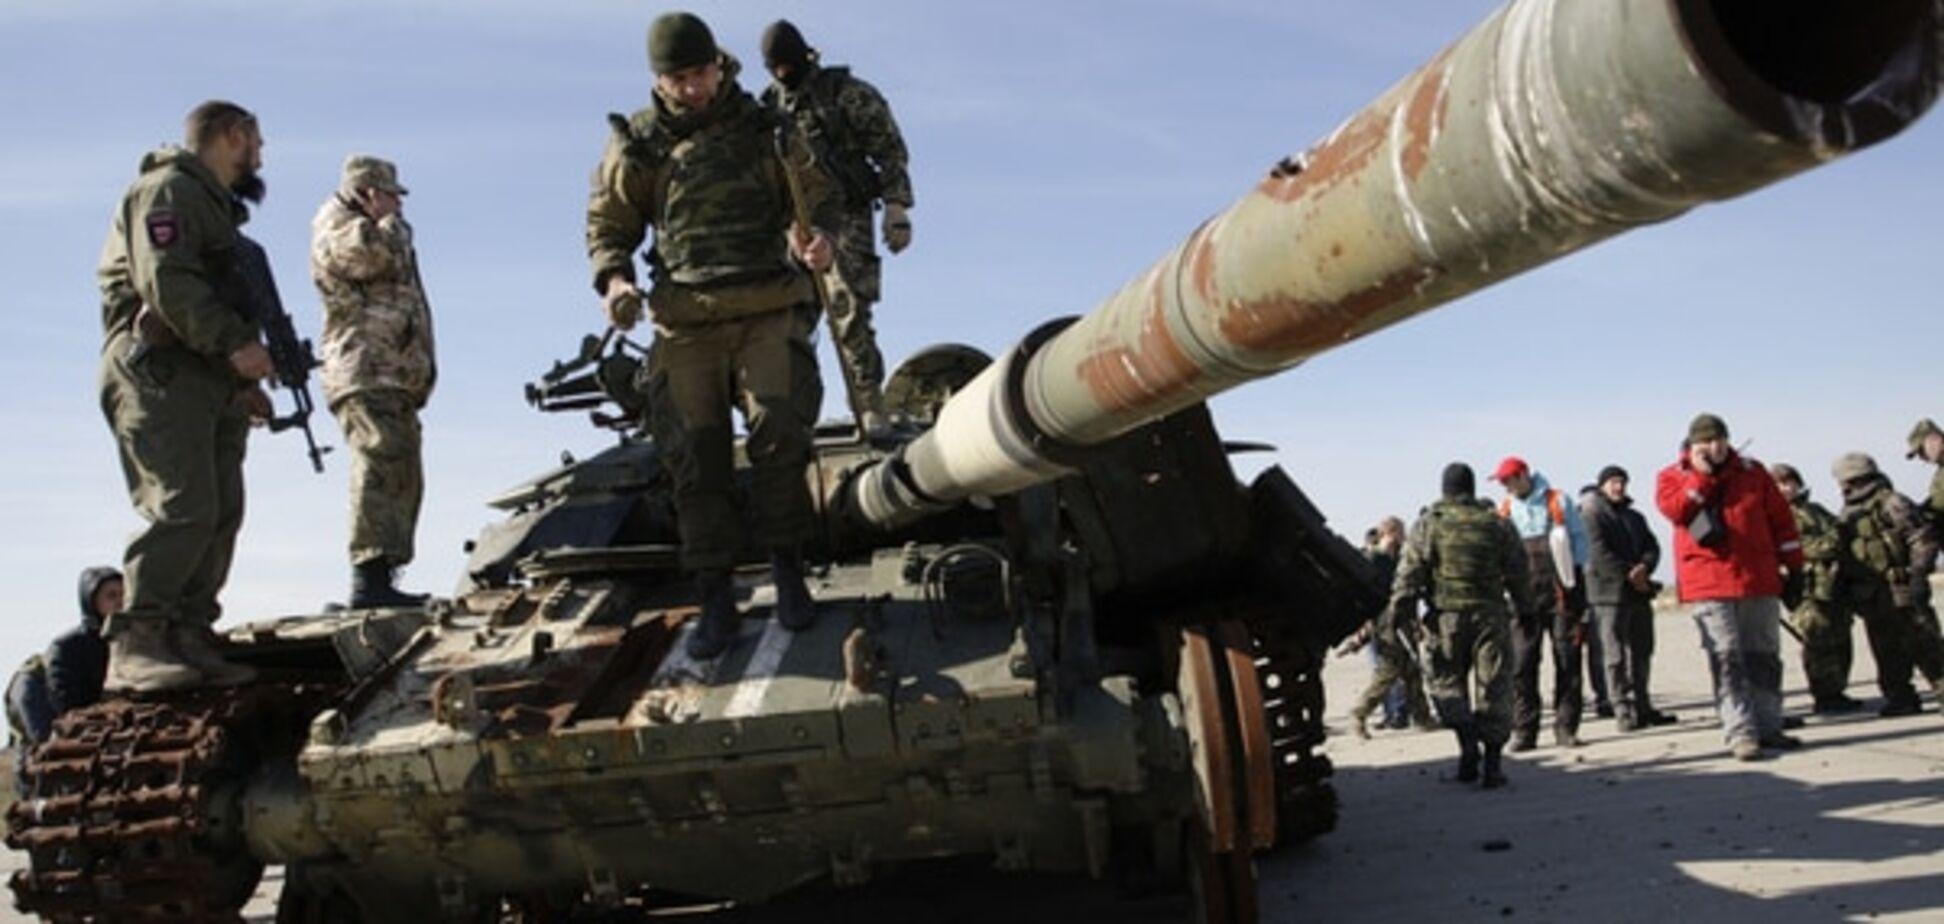 У Горлівку прибули 800 терористів, готуються провокації - ІО